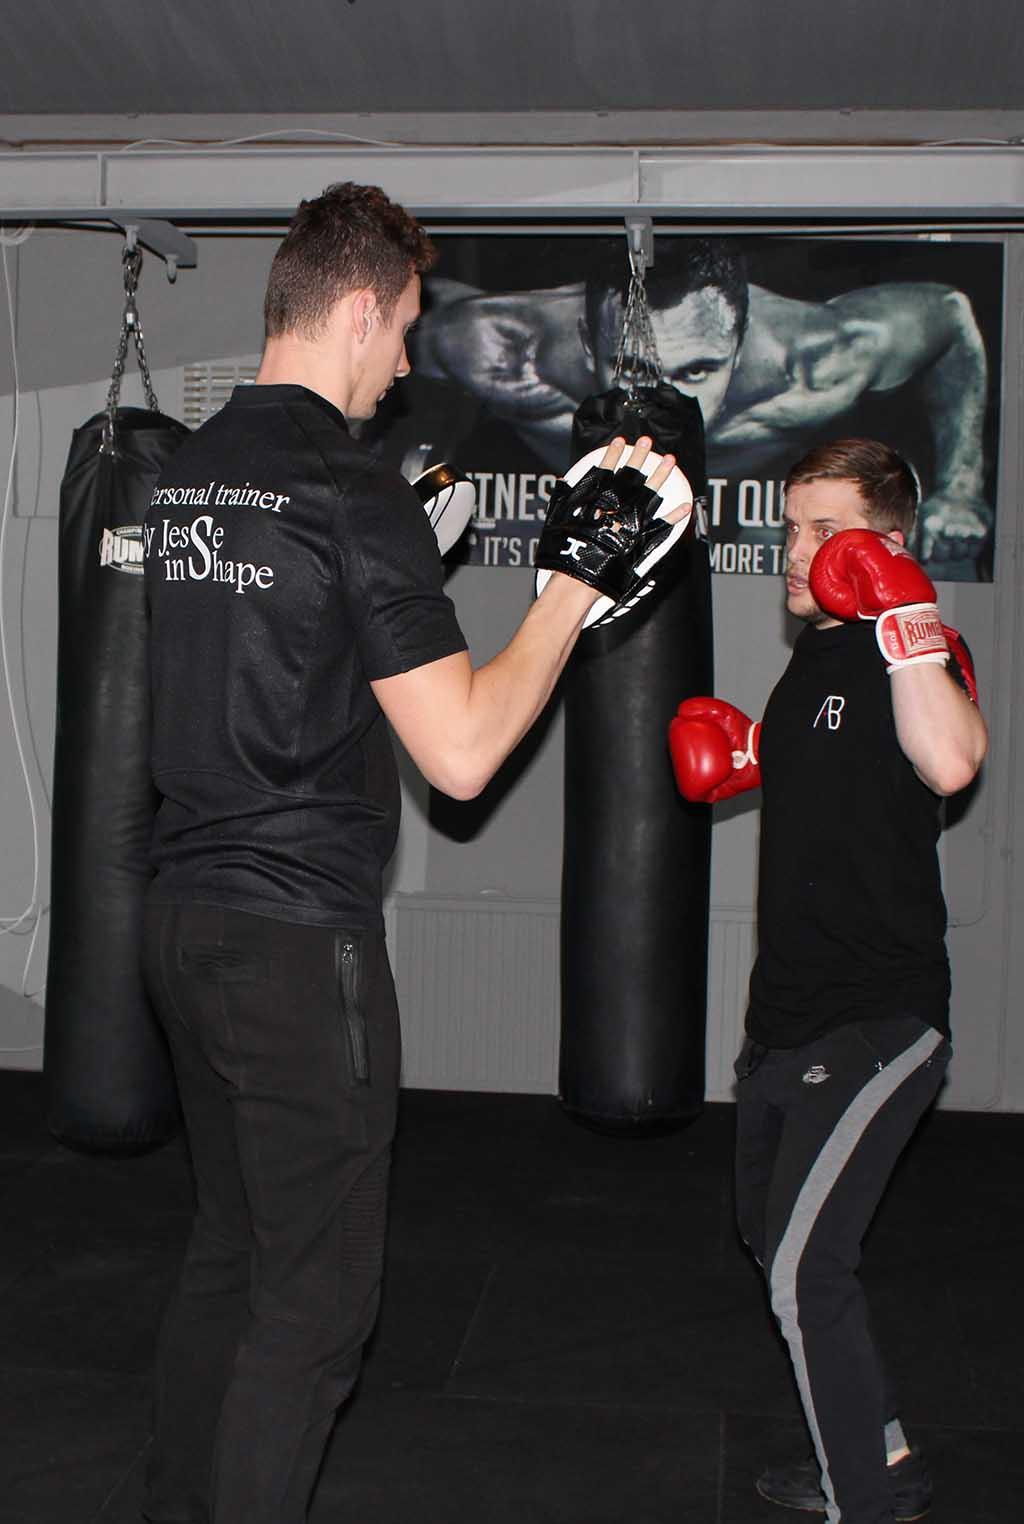 personal bokstraining leiden